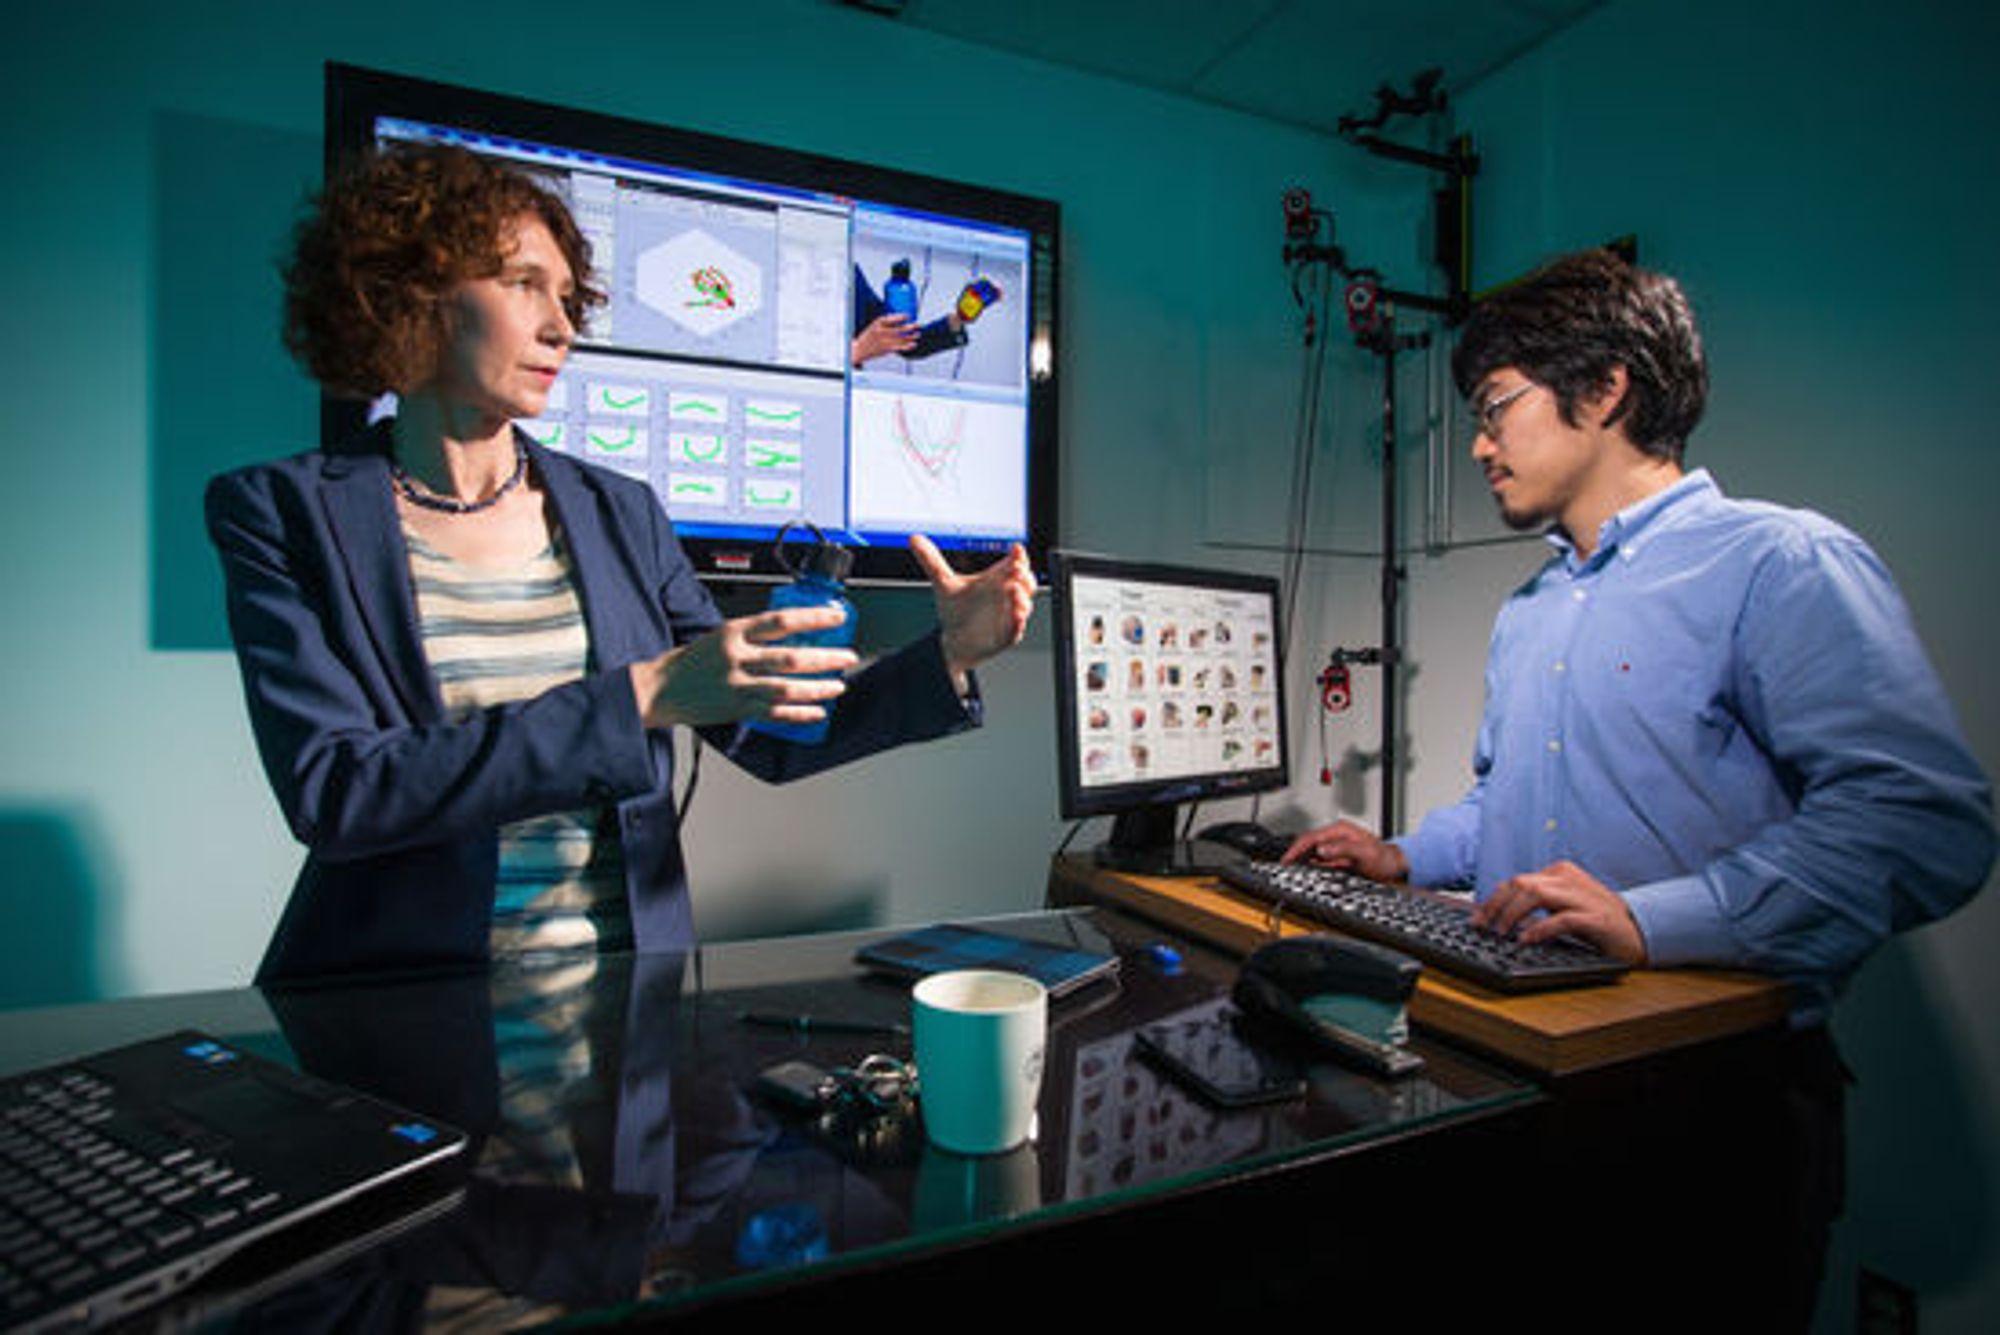 Cornelia Fernmuller og og studenten Yezhou Yang ved computer vision-systemer som er i stand til å identifisere og kopiere håndbevegelser med stor nøyaktighet.